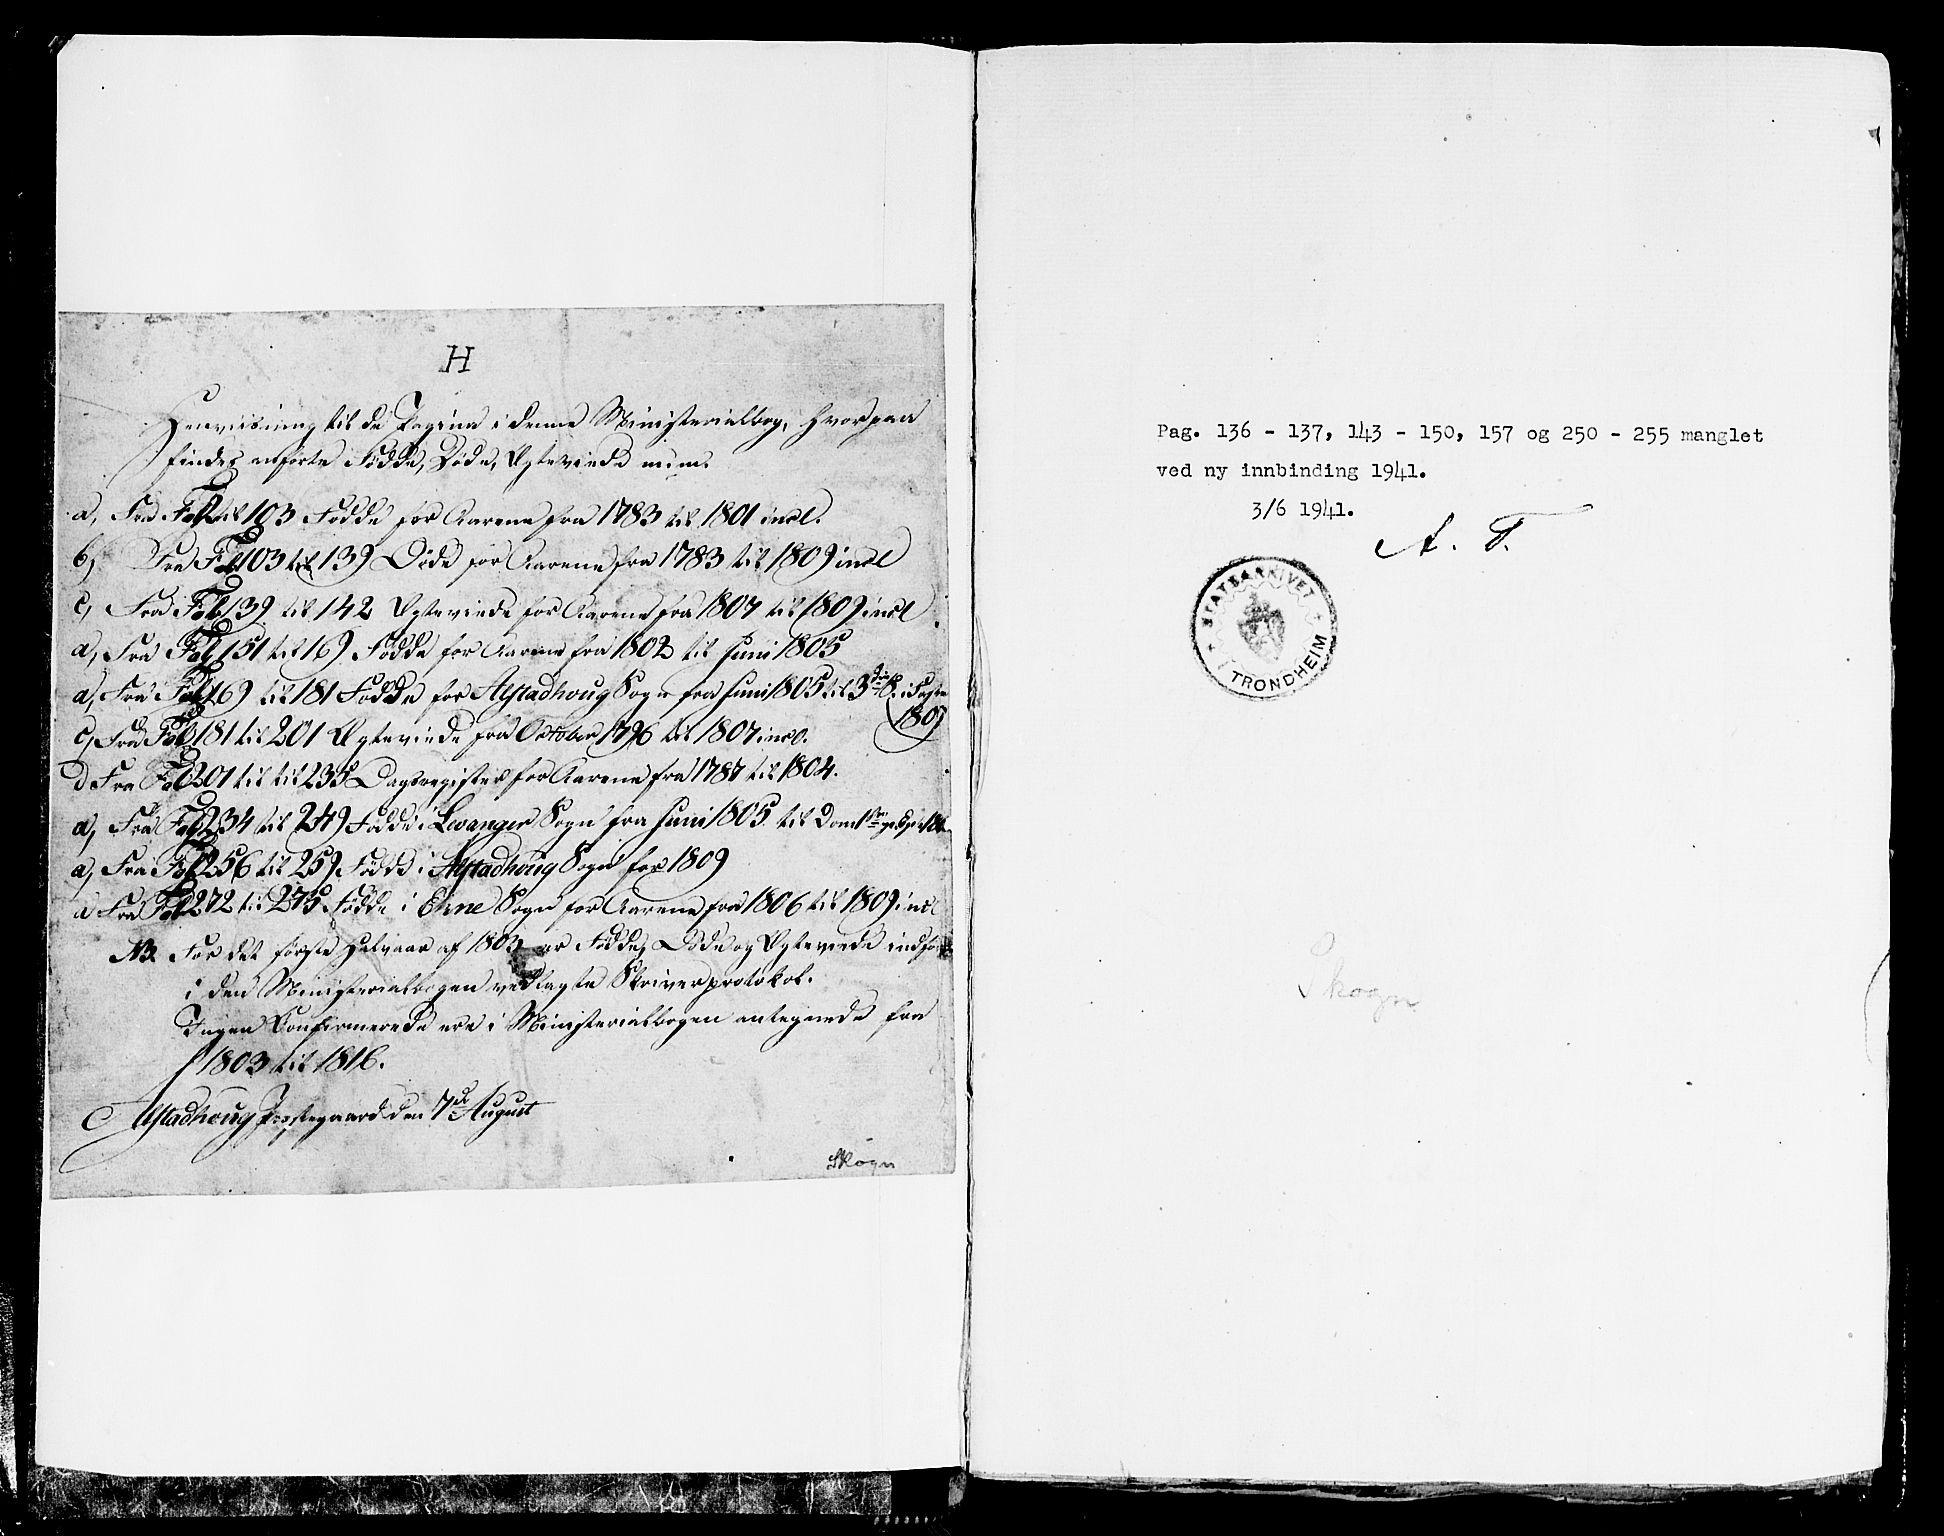 SAT, Ministerialprotokoller, klokkerbøker og fødselsregistre - Nord-Trøndelag, 717/L0142: Ministerialbok nr. 717A02 /1, 1783-1809